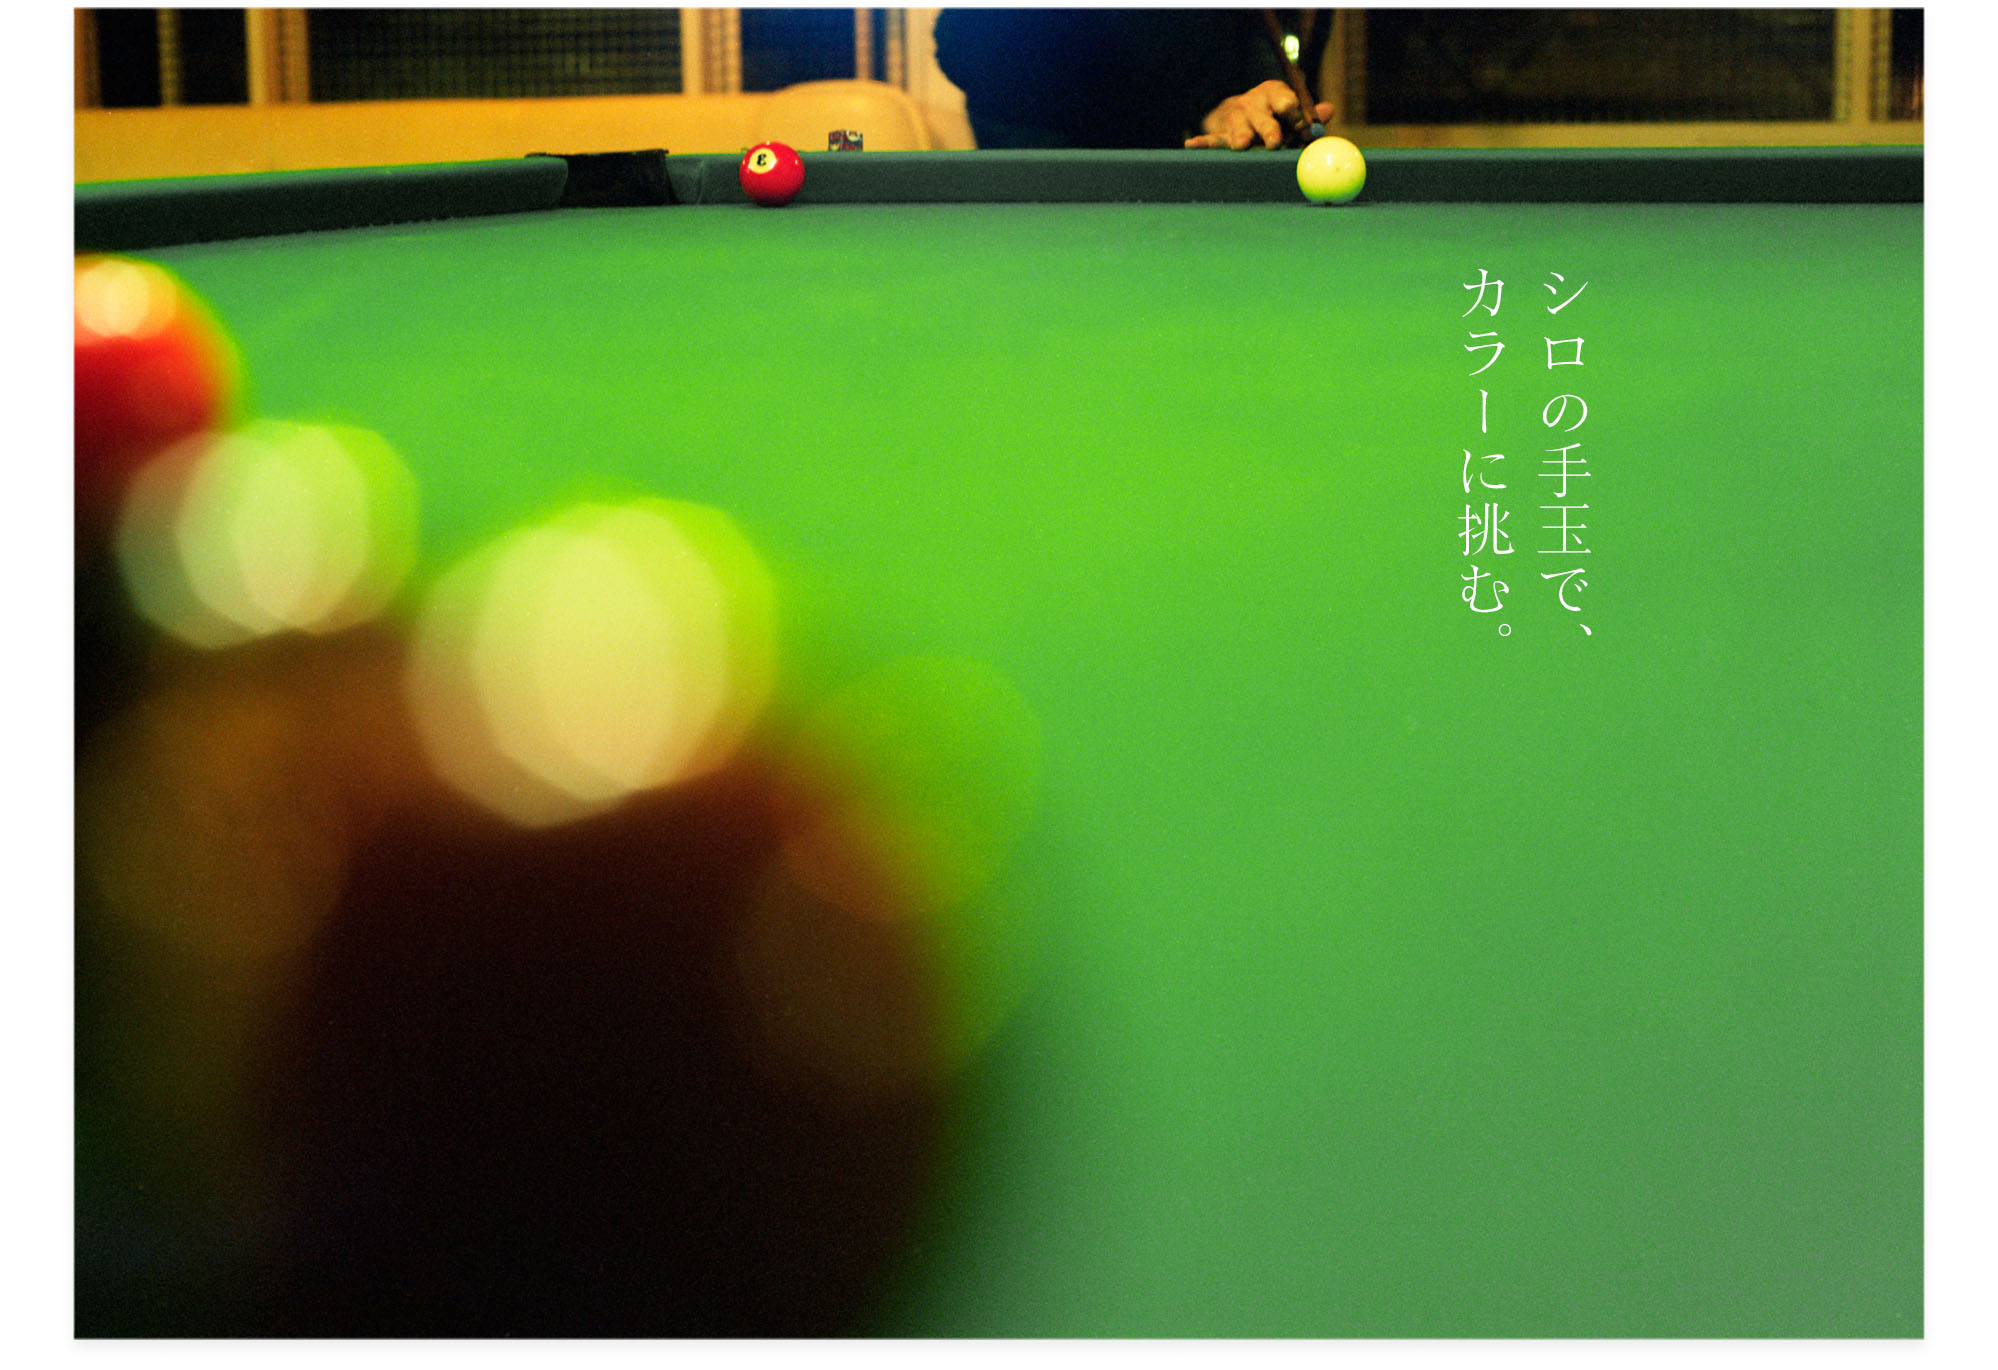 201301113_シロの手玉でカラーに挑む